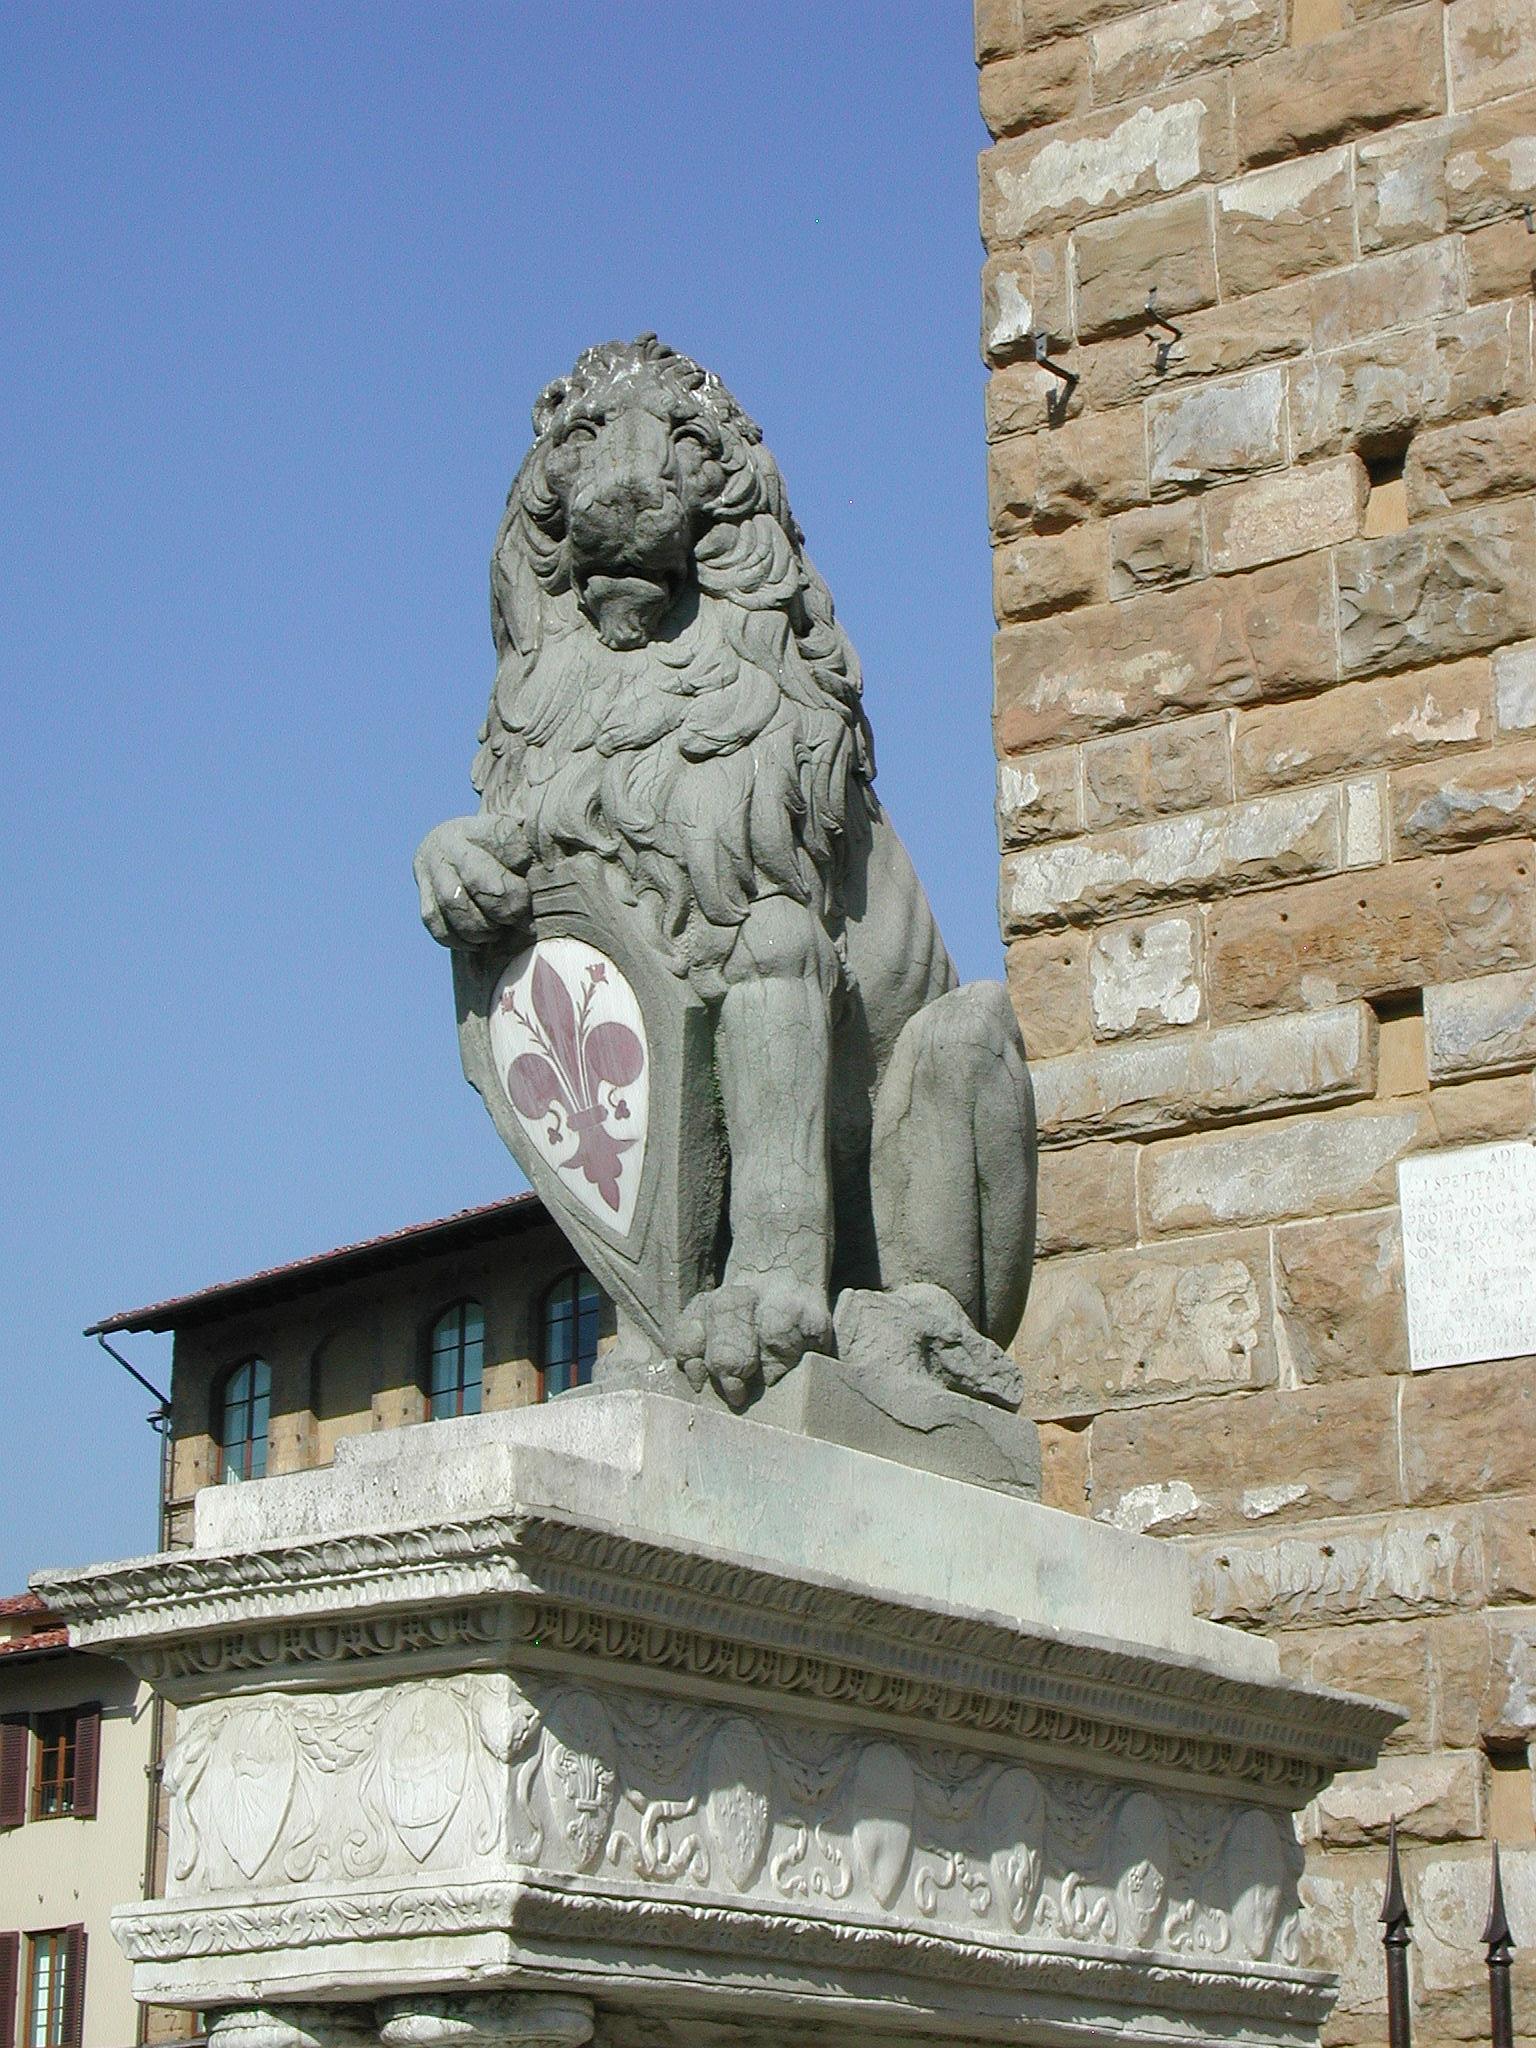 La copia del Marzocco di Donatello in Piazza della Signoria, Firenze